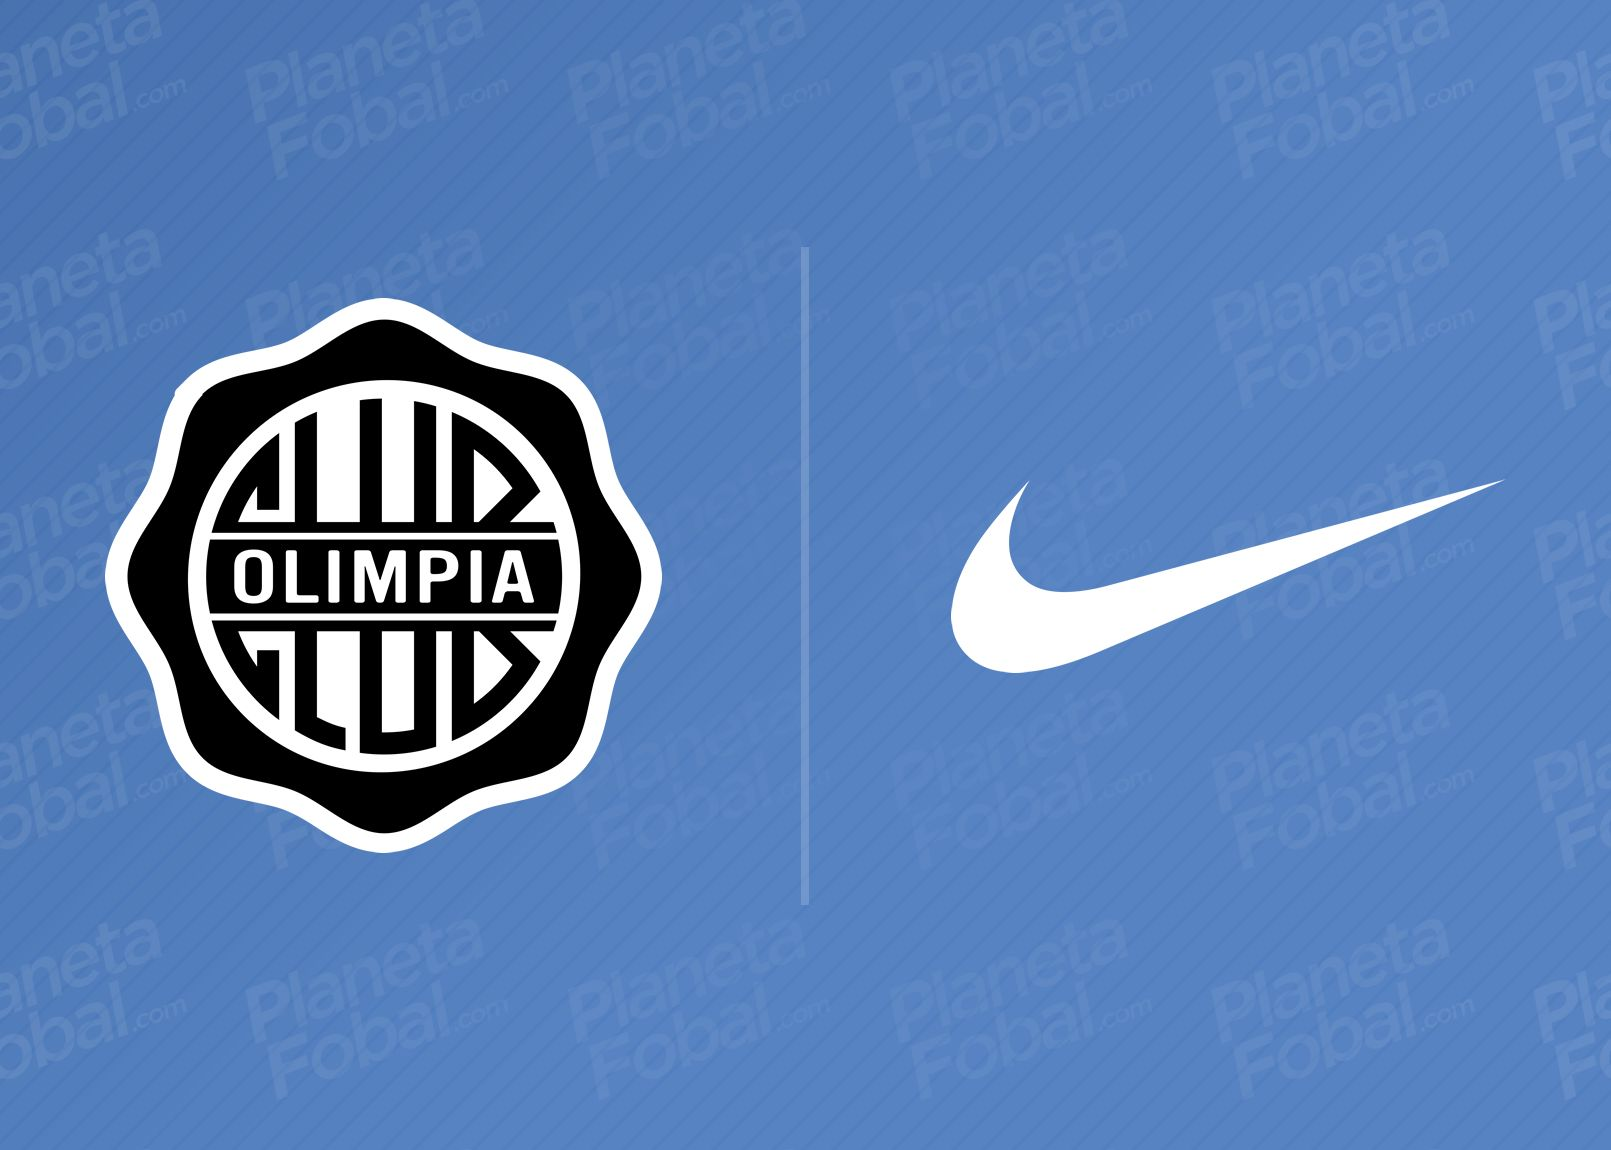 Desde 2022 Nike vestirá al Club Olimpia